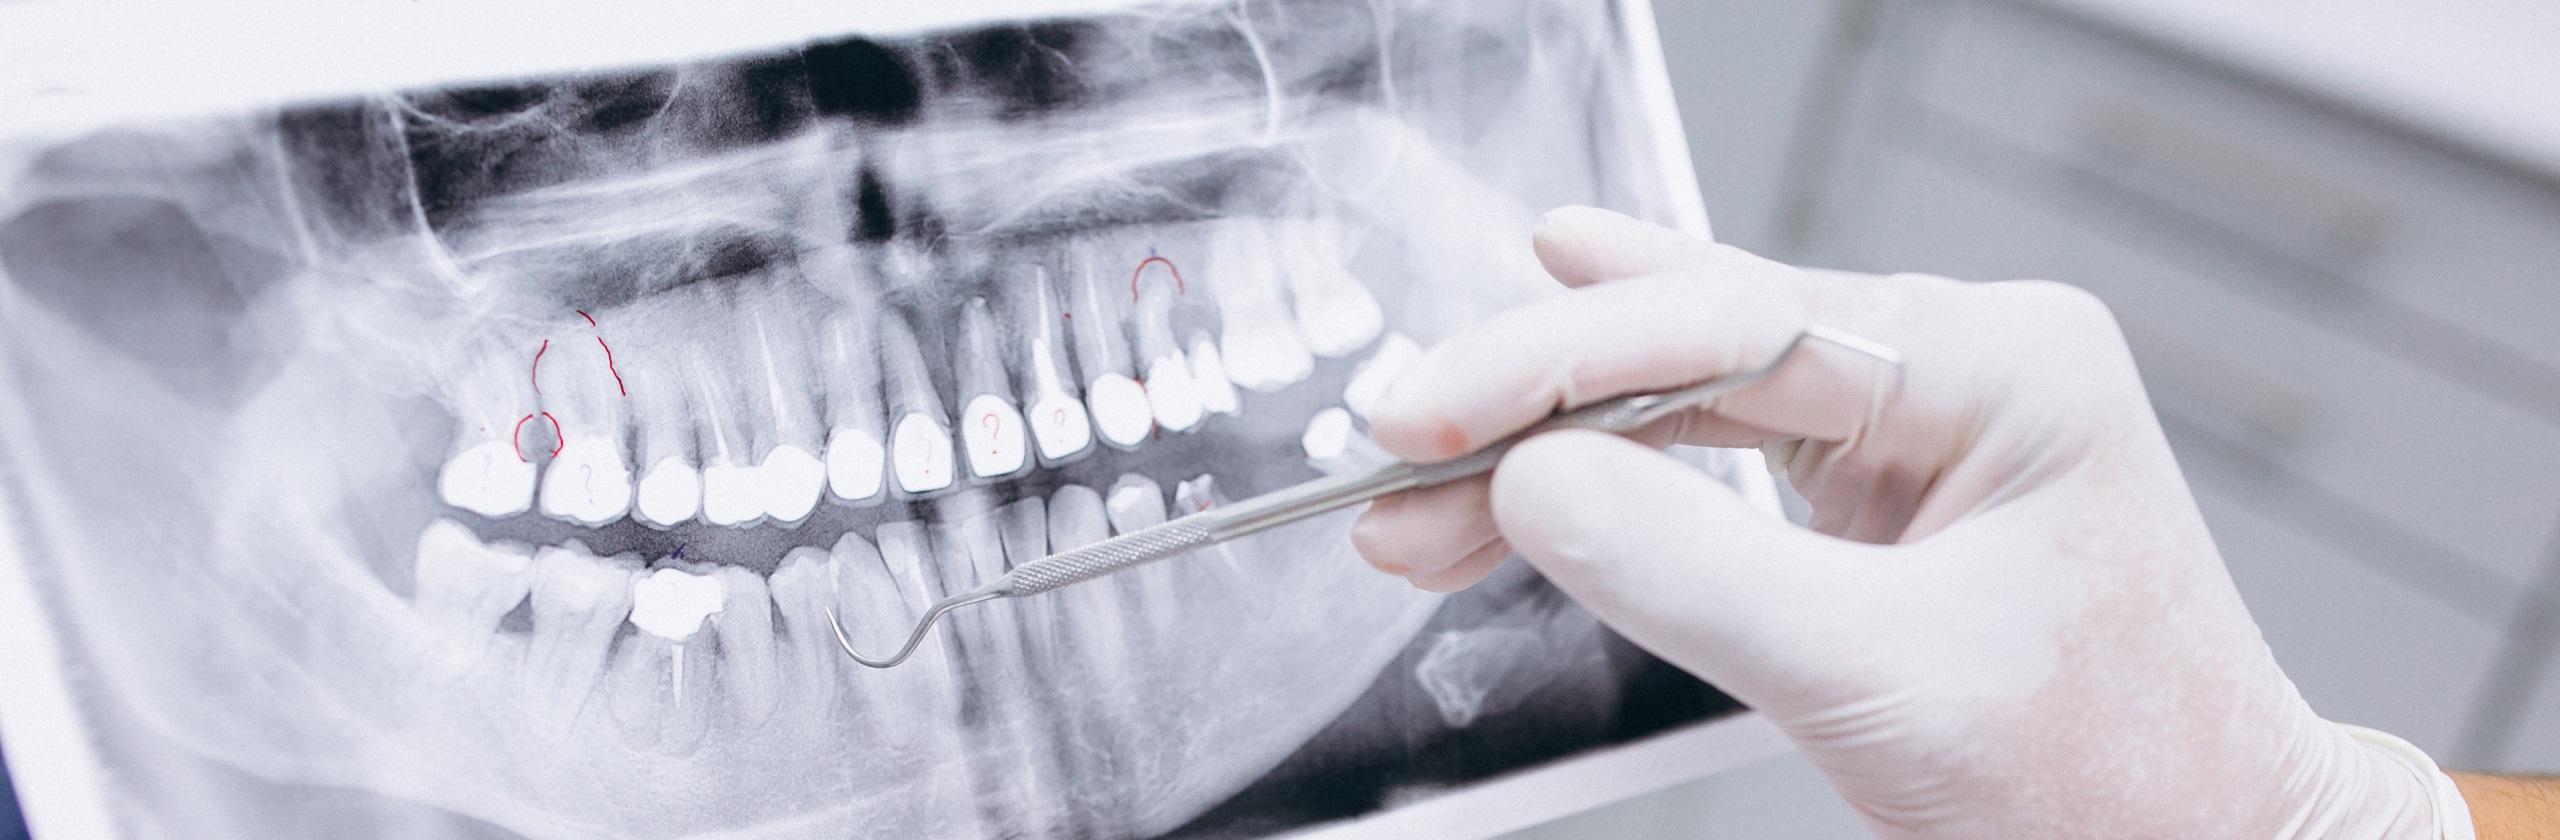 stomatologia case study